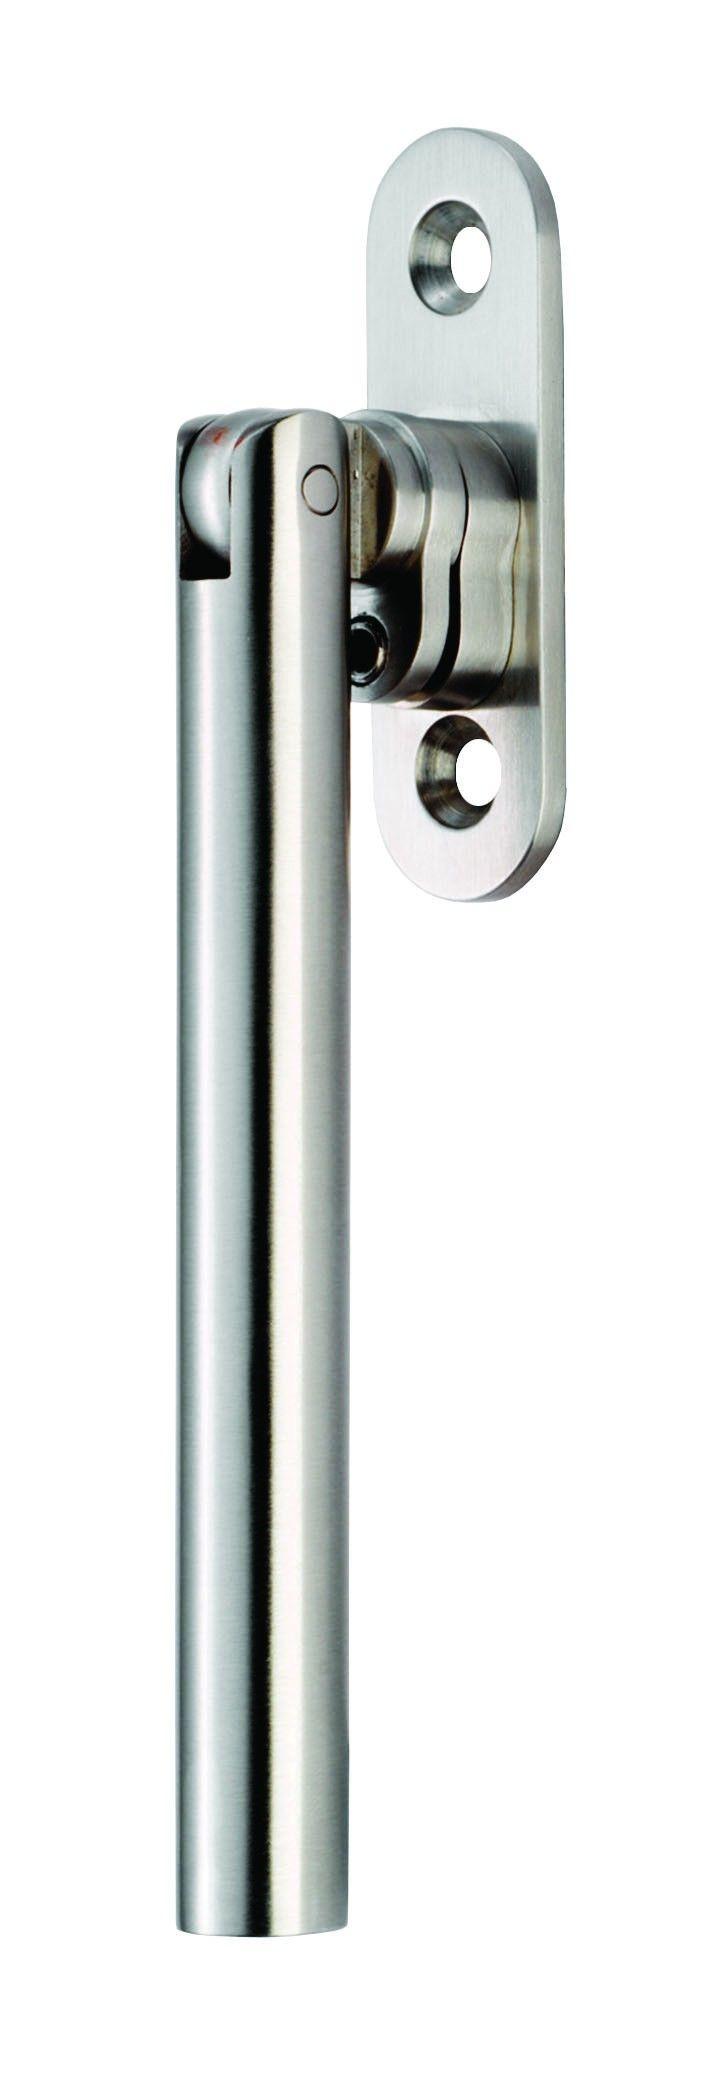 CARLISLE BRASS ESPAGNOLETTE STAINLESS STEEL LOCKING CASEMENT FASTENER WF25